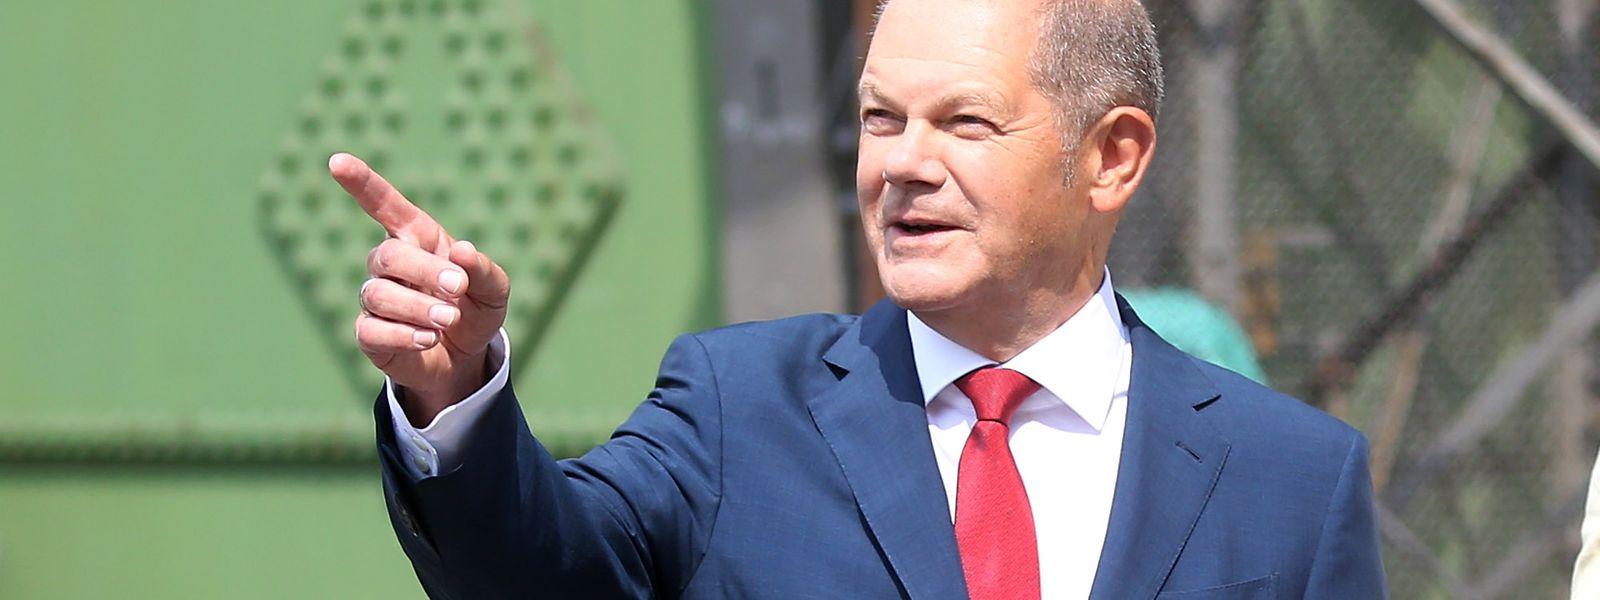 Olaf Scholz, Bundesminister der Finanzen, soll es nun bei der nächsten Bundestagswahl für die SPD richten.